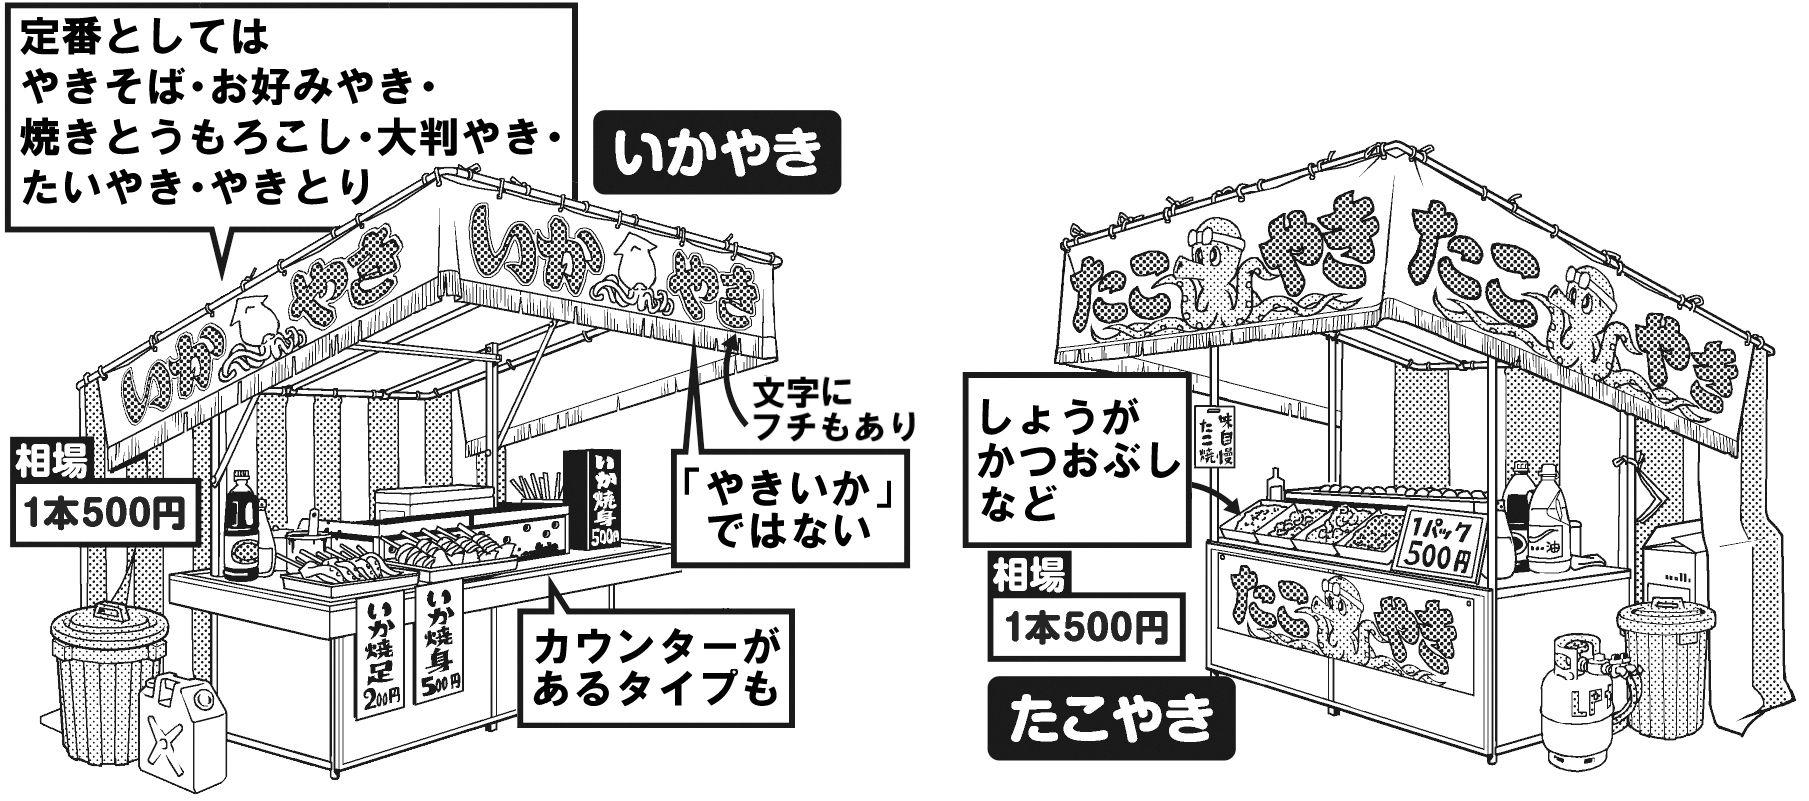 2018 年の「【超級!!背景講座!!】maedaxの背景萌え!~お祭りの屋台編